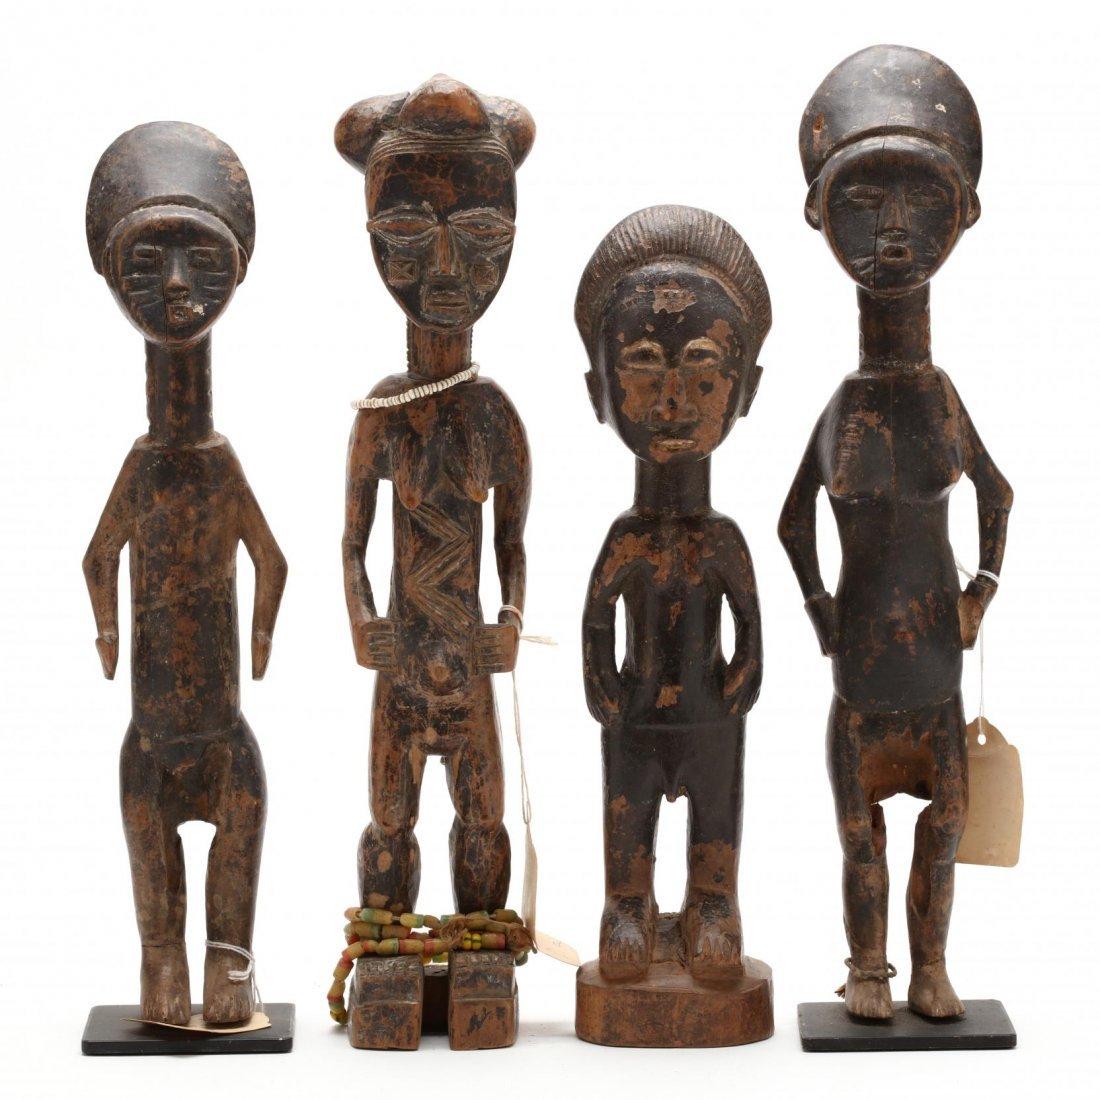 Ivory Coast or Ghana, Four Abron Ancestral Figures